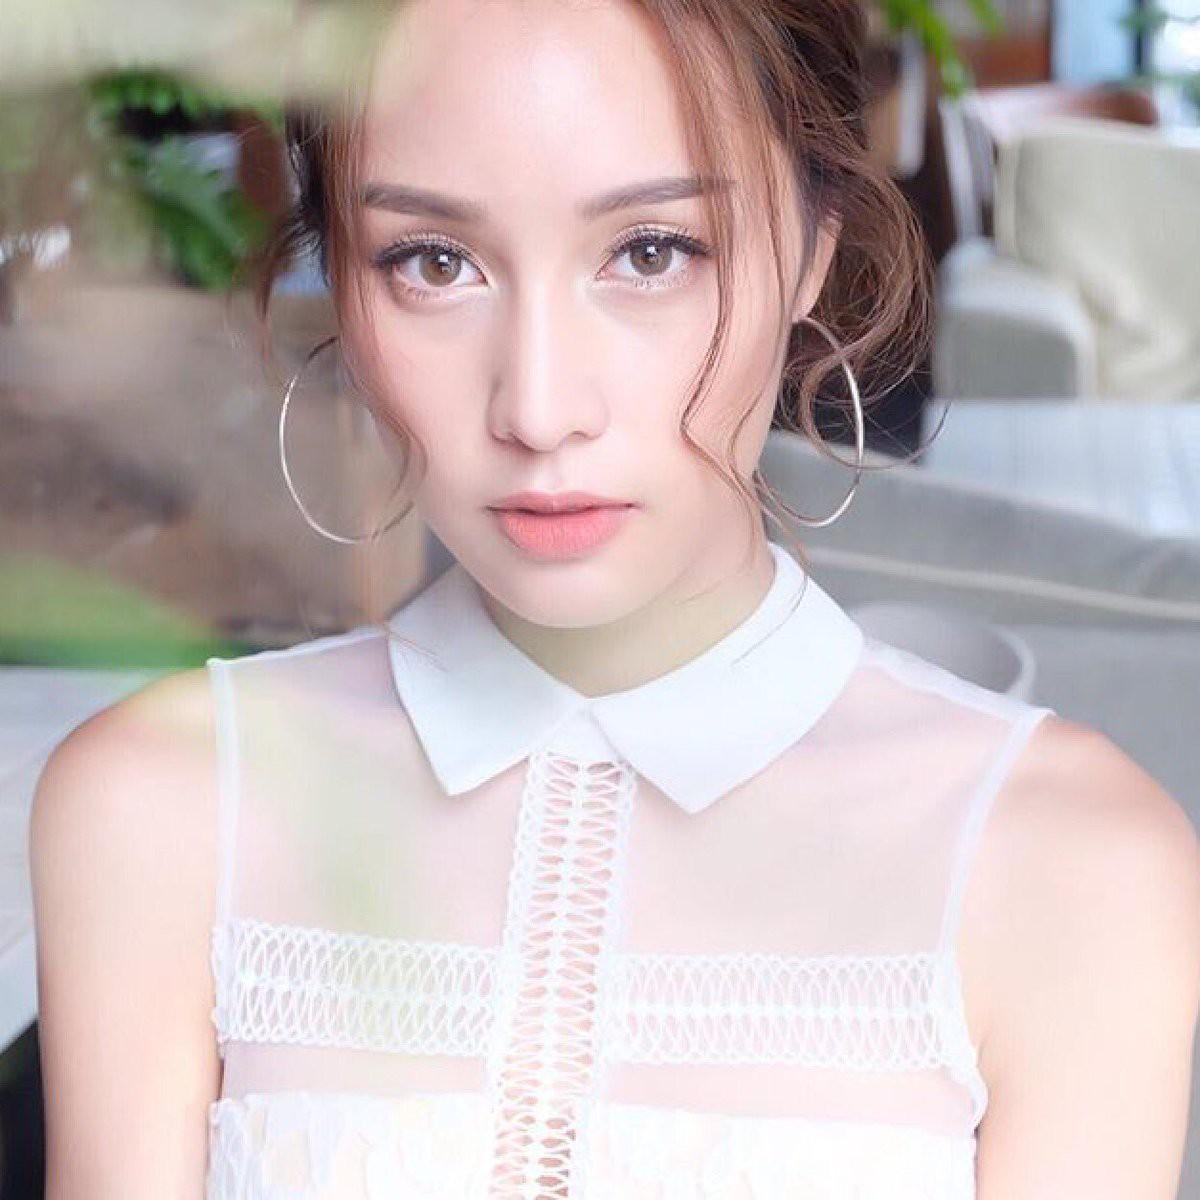 3 cô nàng chuyển giới tại The Face Thailand: Xinh đẹp, cơ thể hoàn hảo có thể khiến chị em khóc ròng - Hình 10